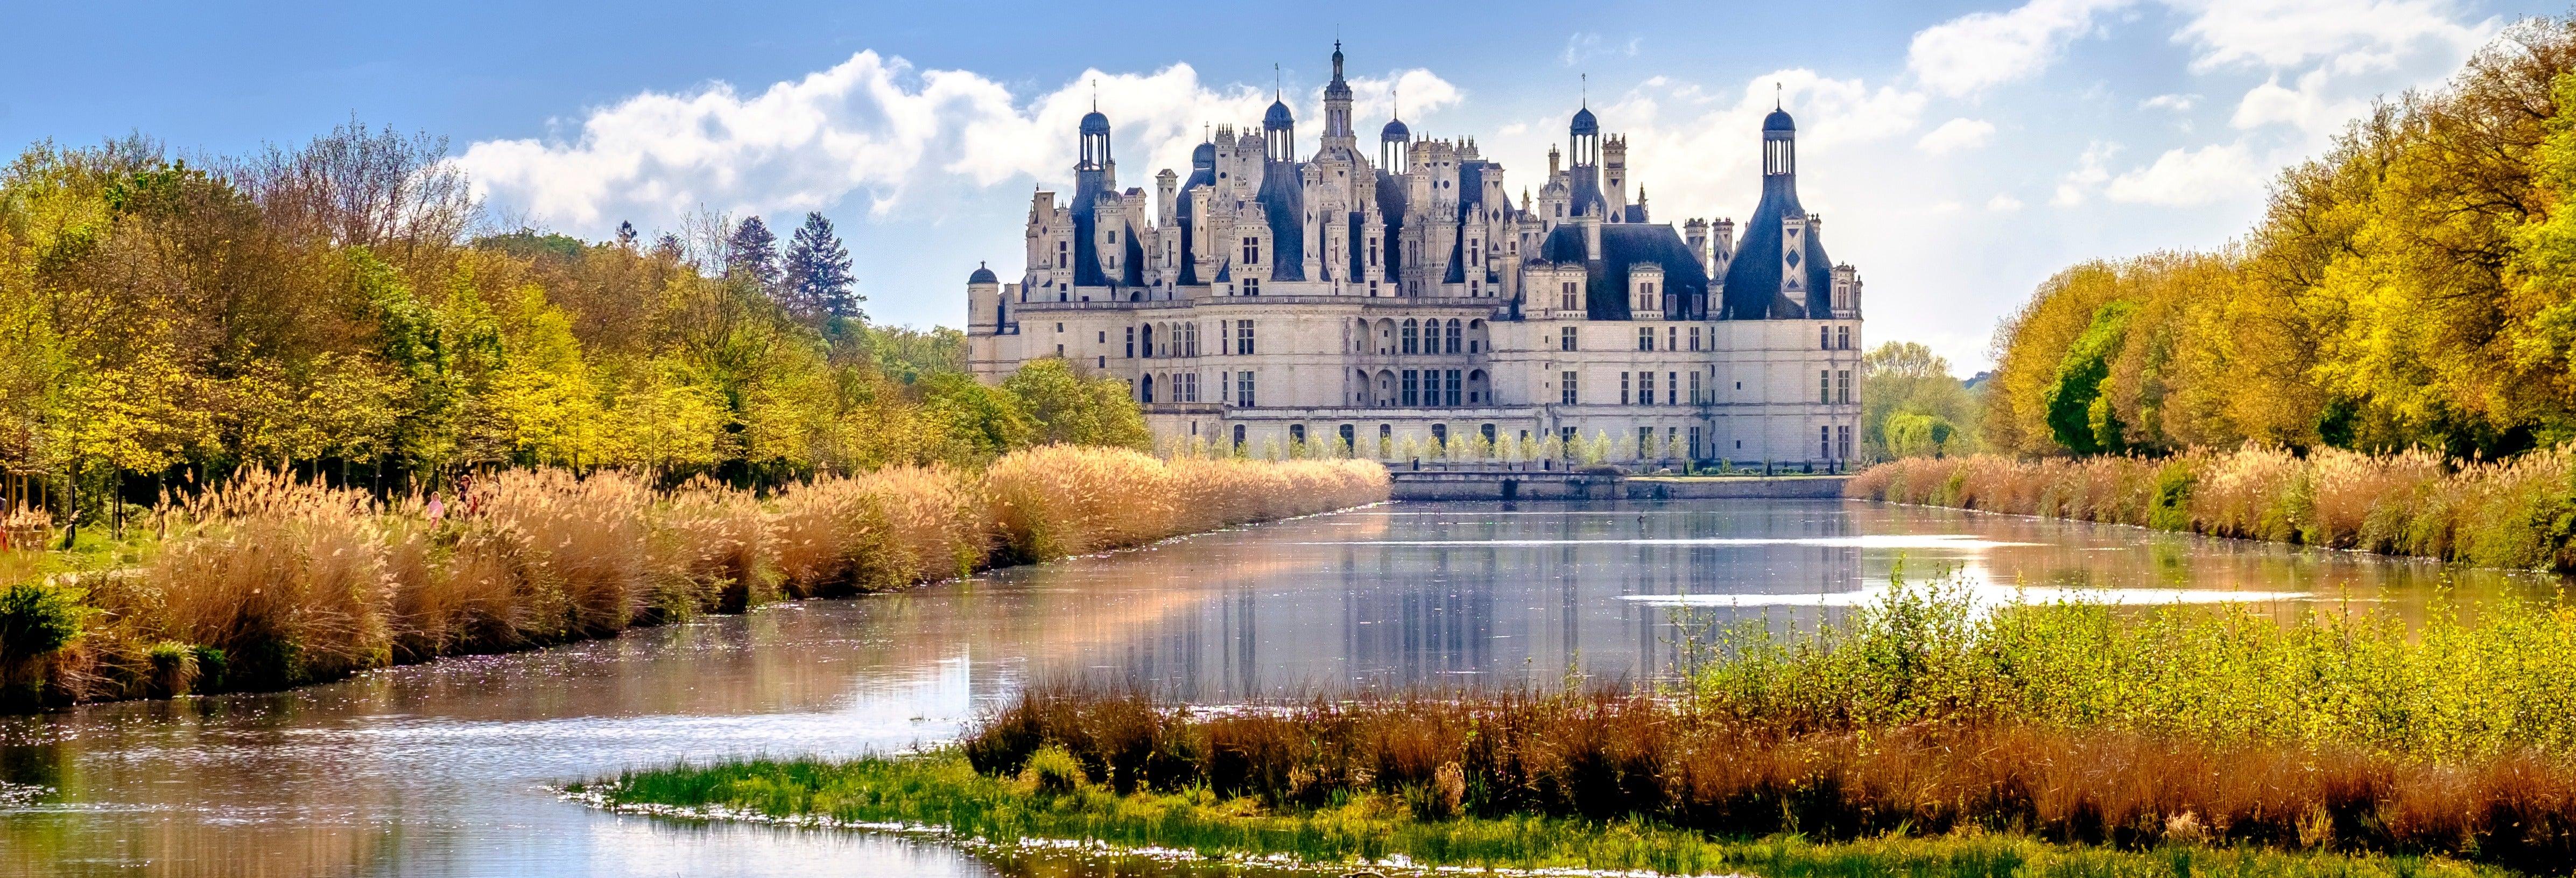 Excursión a los castillos de Chambord y Chenonceau